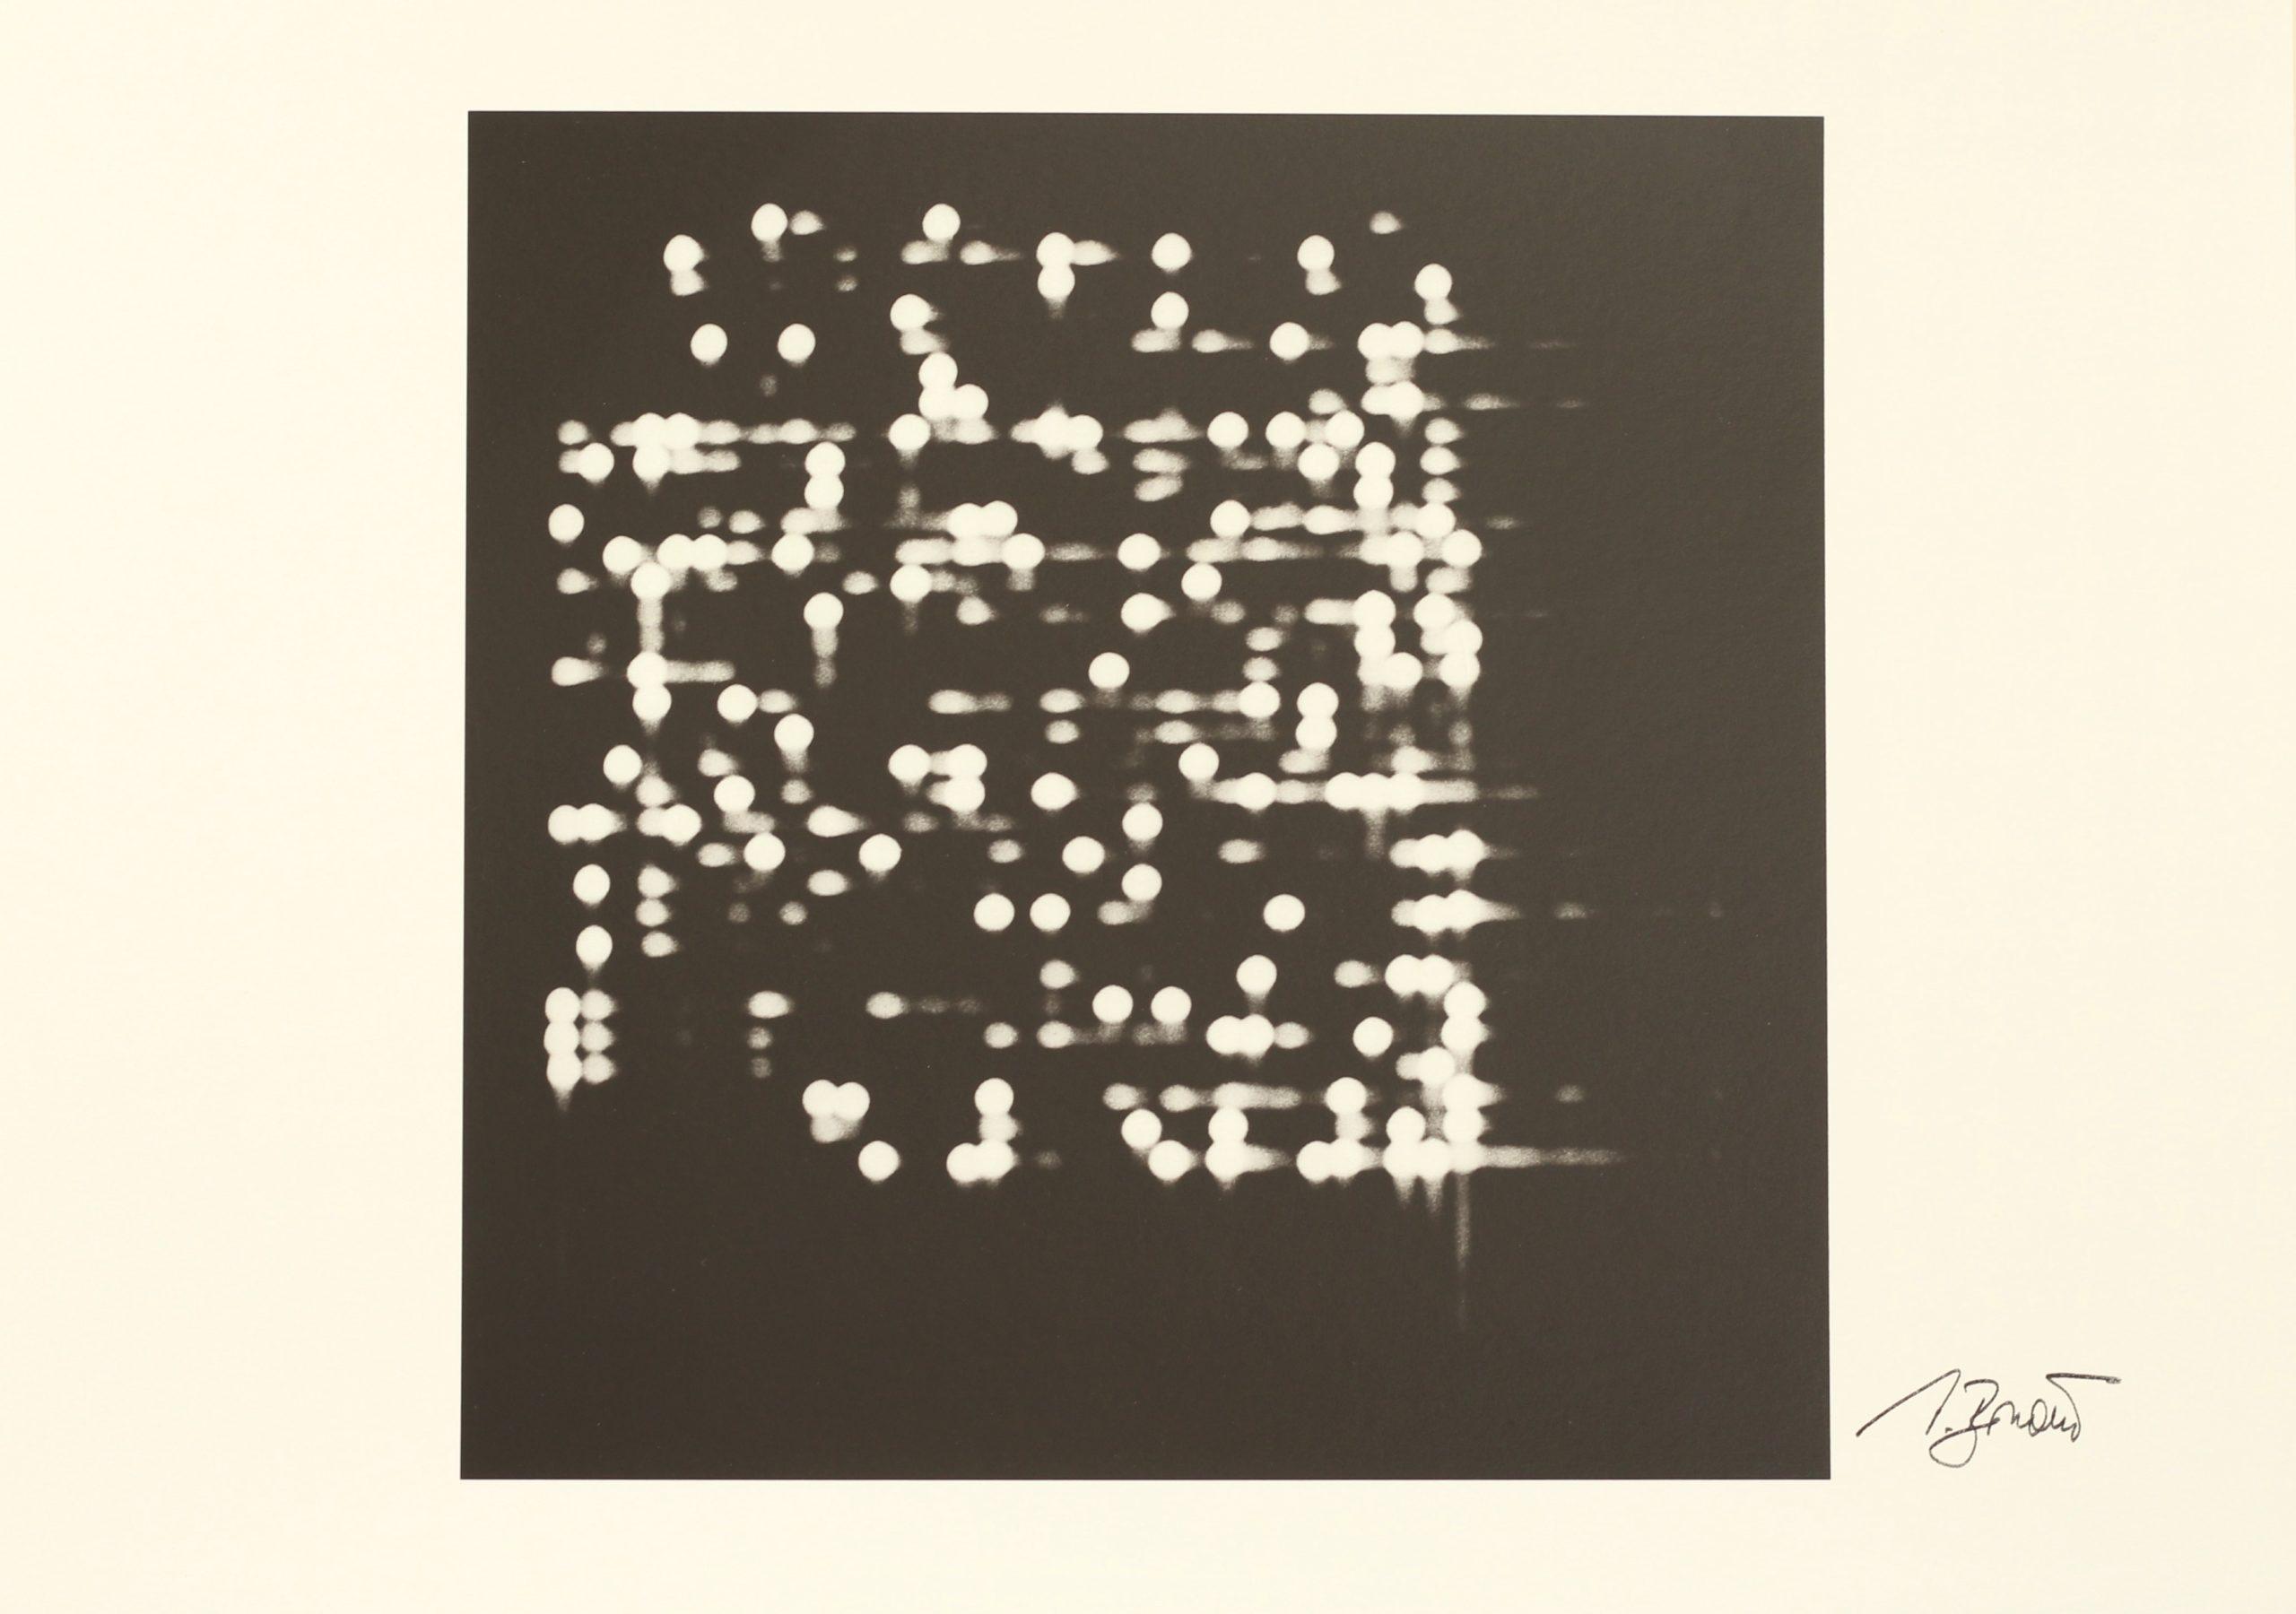 Vladimir Bonacic, PLN 5, Hahnemühle Kunstdruck, 29,6 x 42 cm, Auflage von 50, 1969